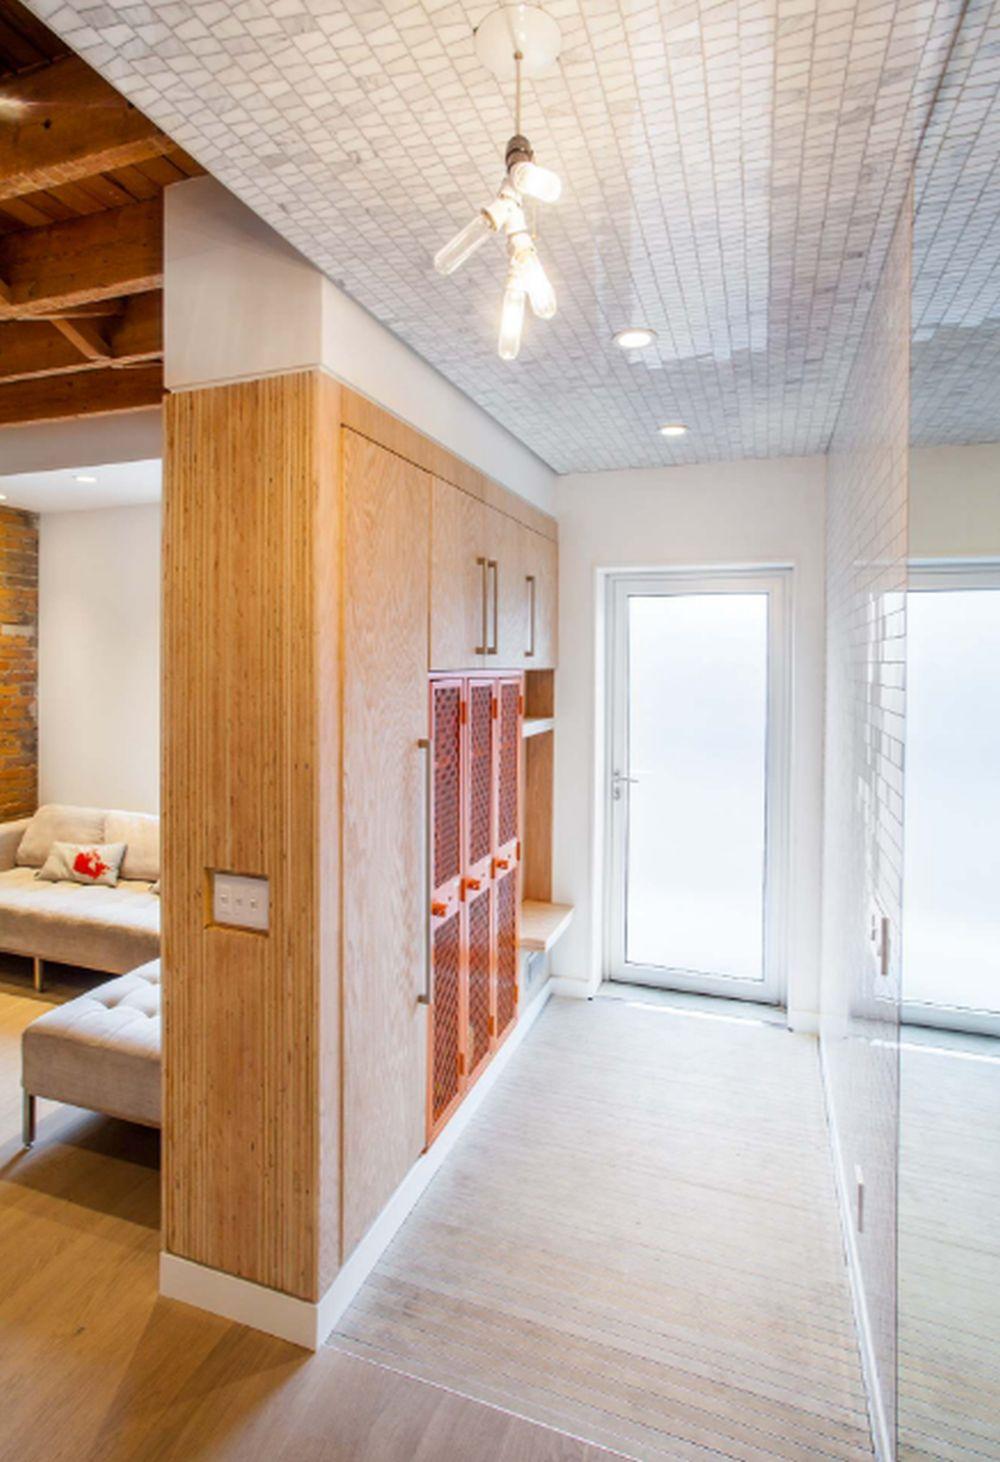 adelaparvu.com despre 30 solutii pentru separarea usii de la intrare, hol creat cu mobila si paravane, Foto Wanda Ely Architect